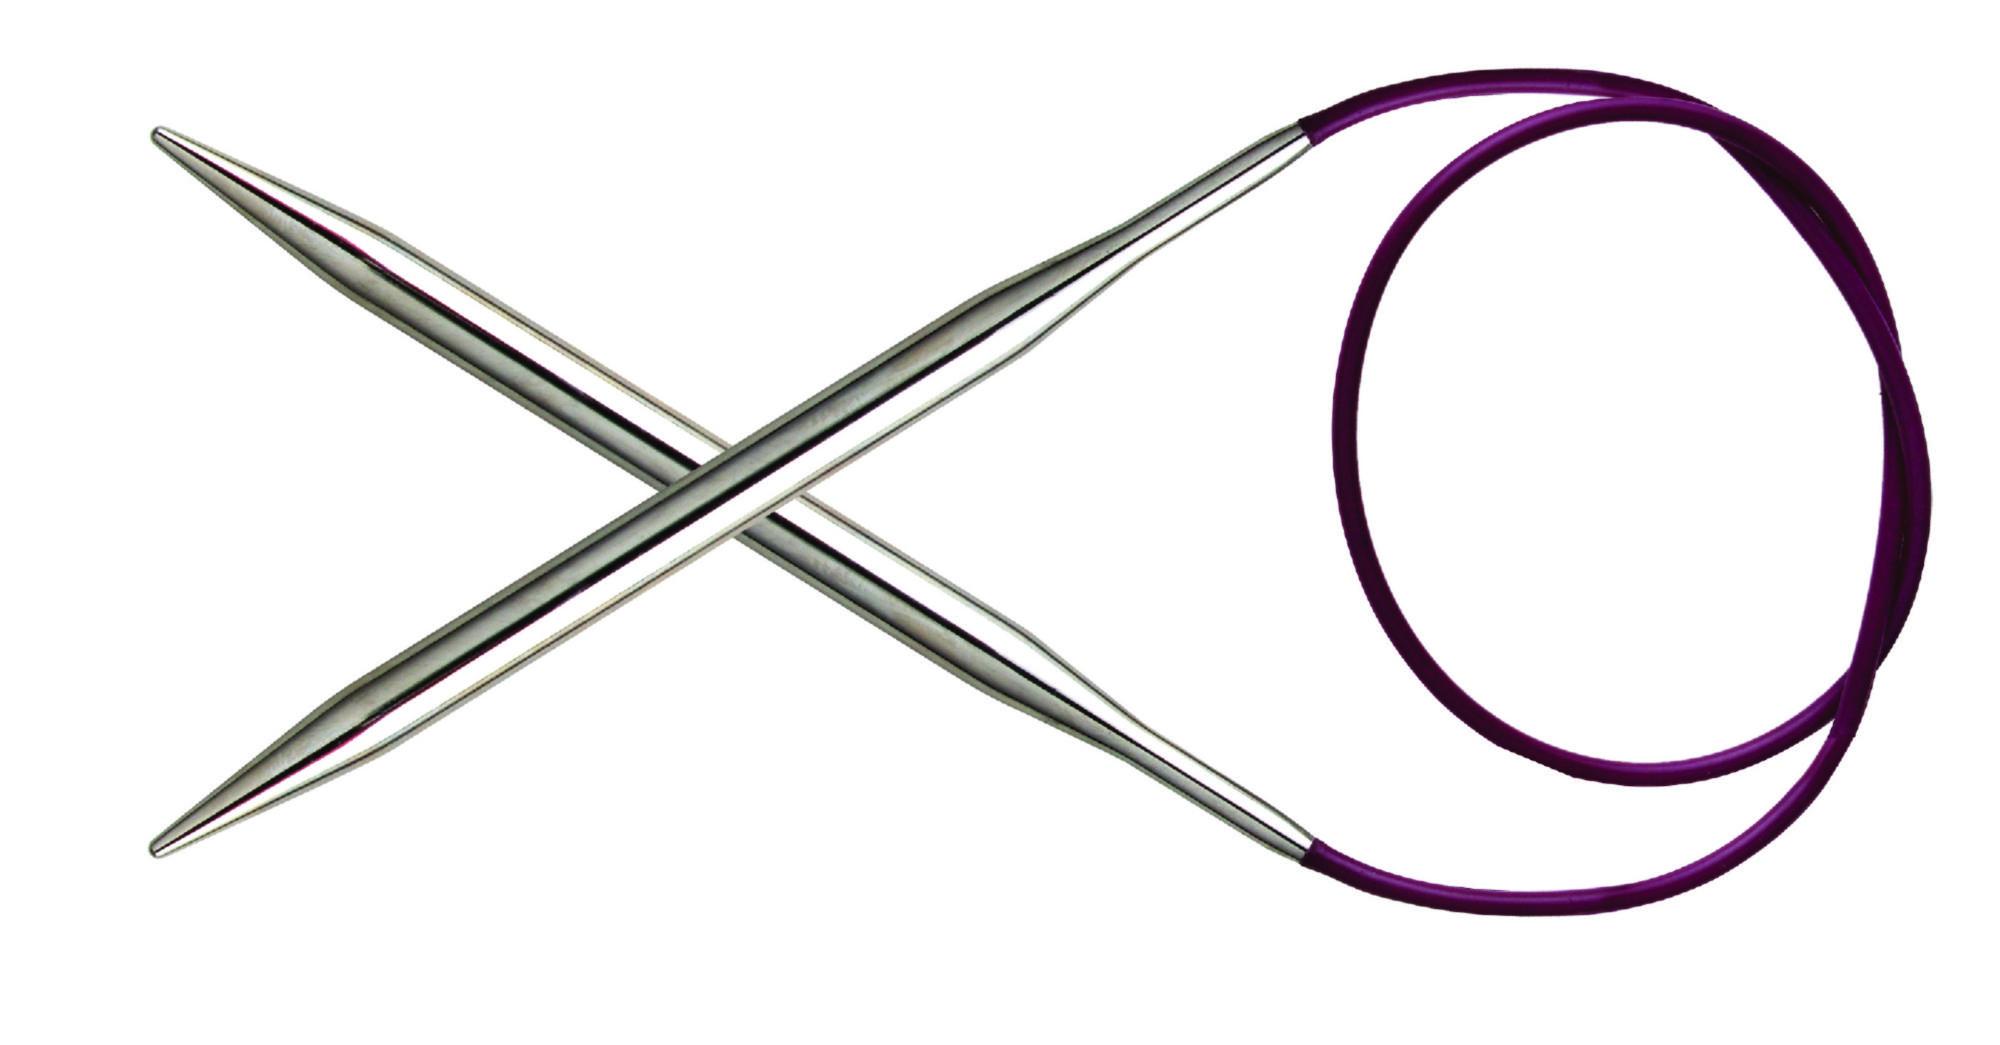 Спицы круговые 100 см Nova Metal KnitPro, 11352, 4.00 мм